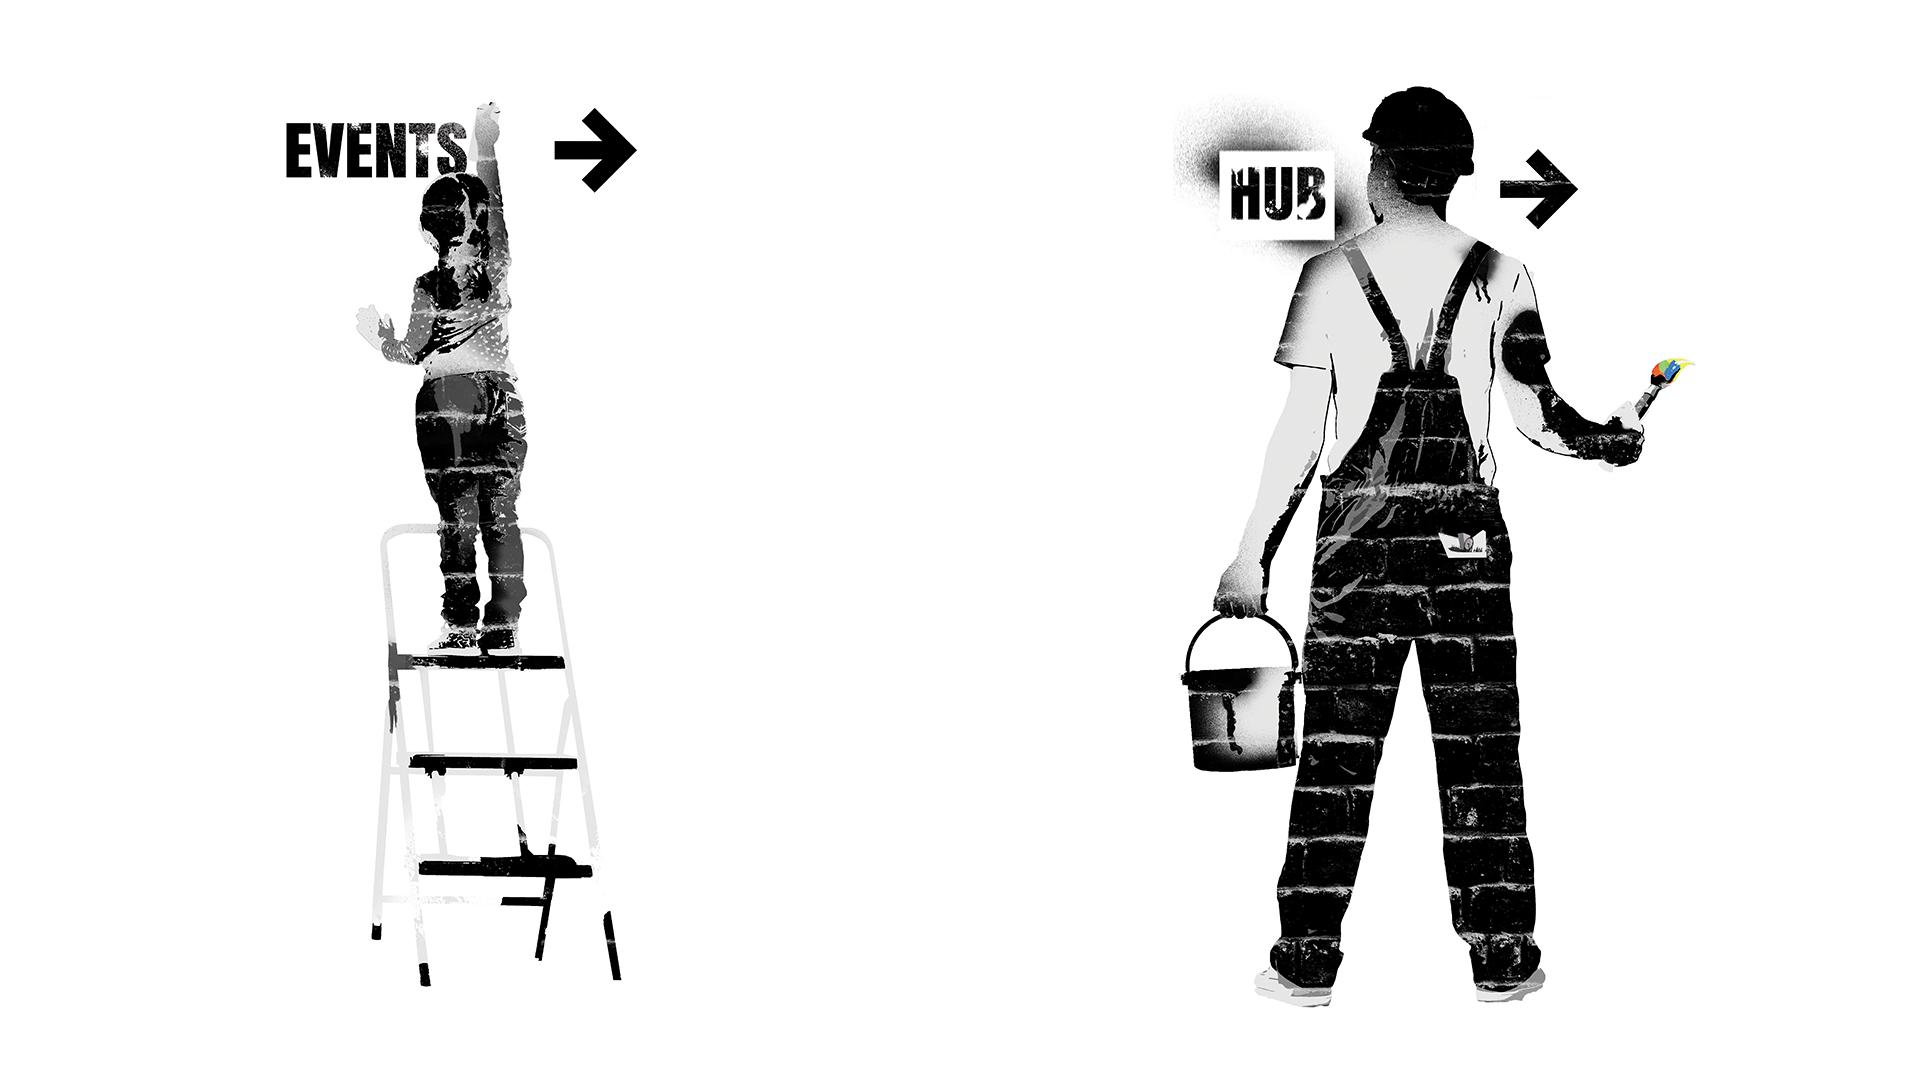 Entrepreneurial Spark Banksy Graffiti Mural